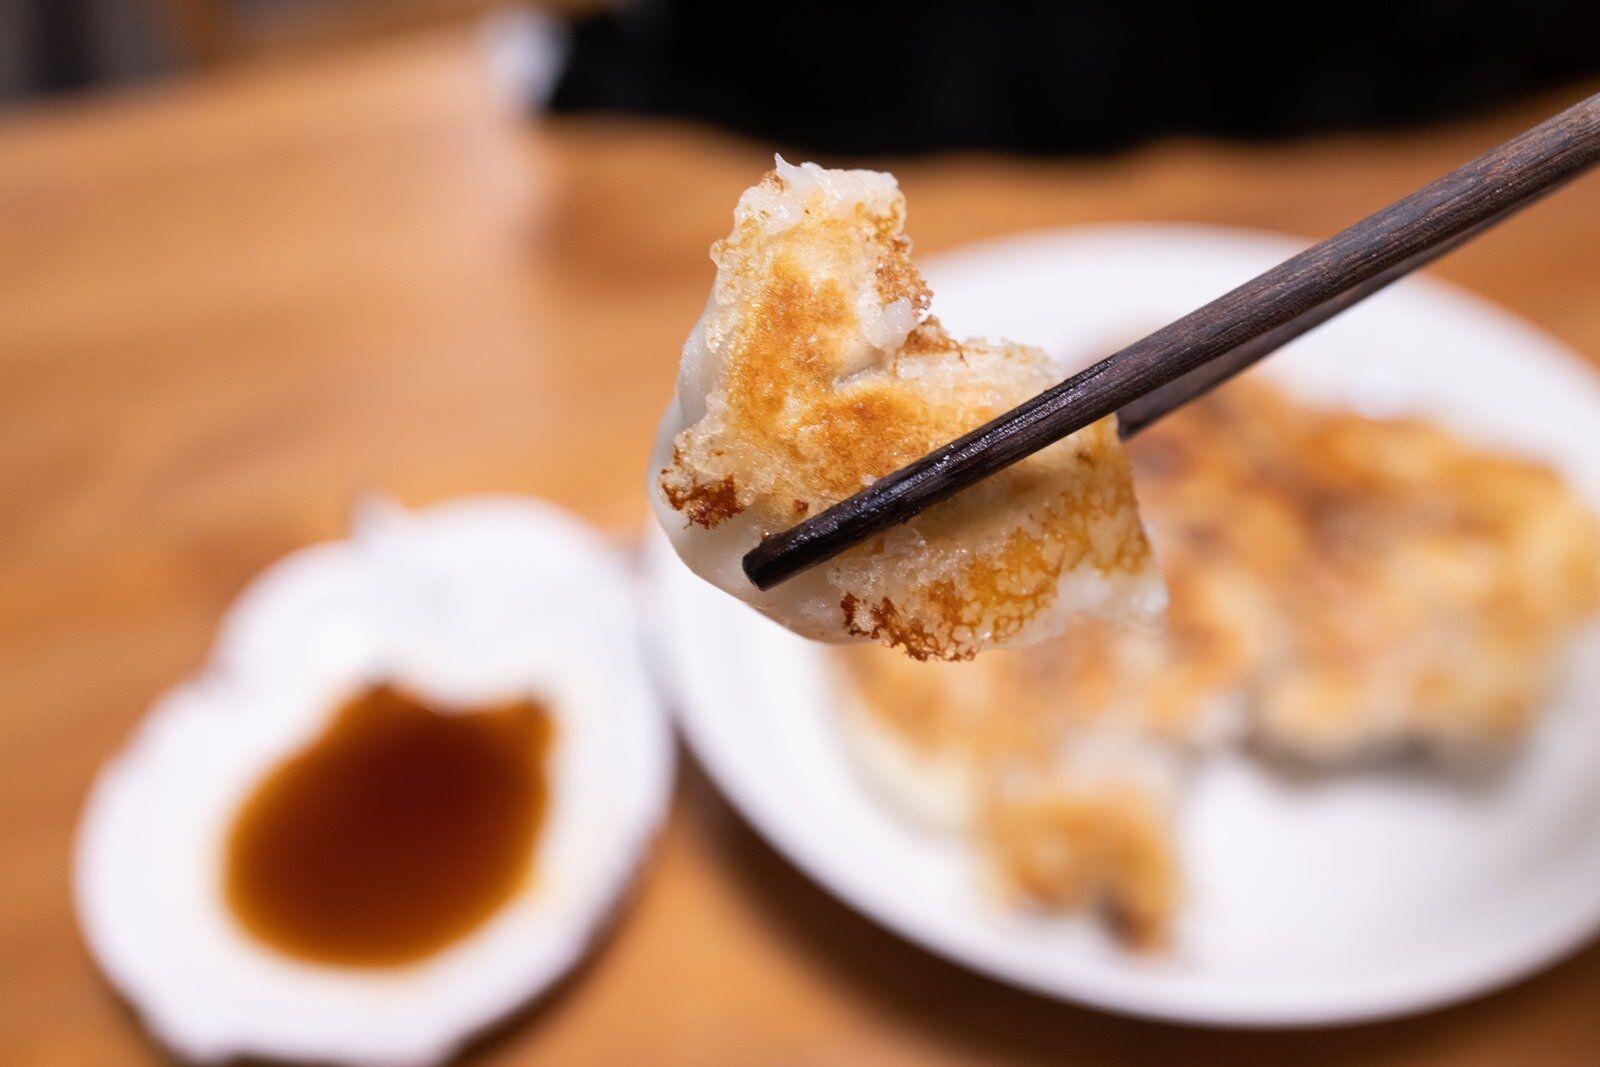 [懶人簡單料理] 家庭煎餃用冷凍水餃簡單做 @3C 達人廖阿輝